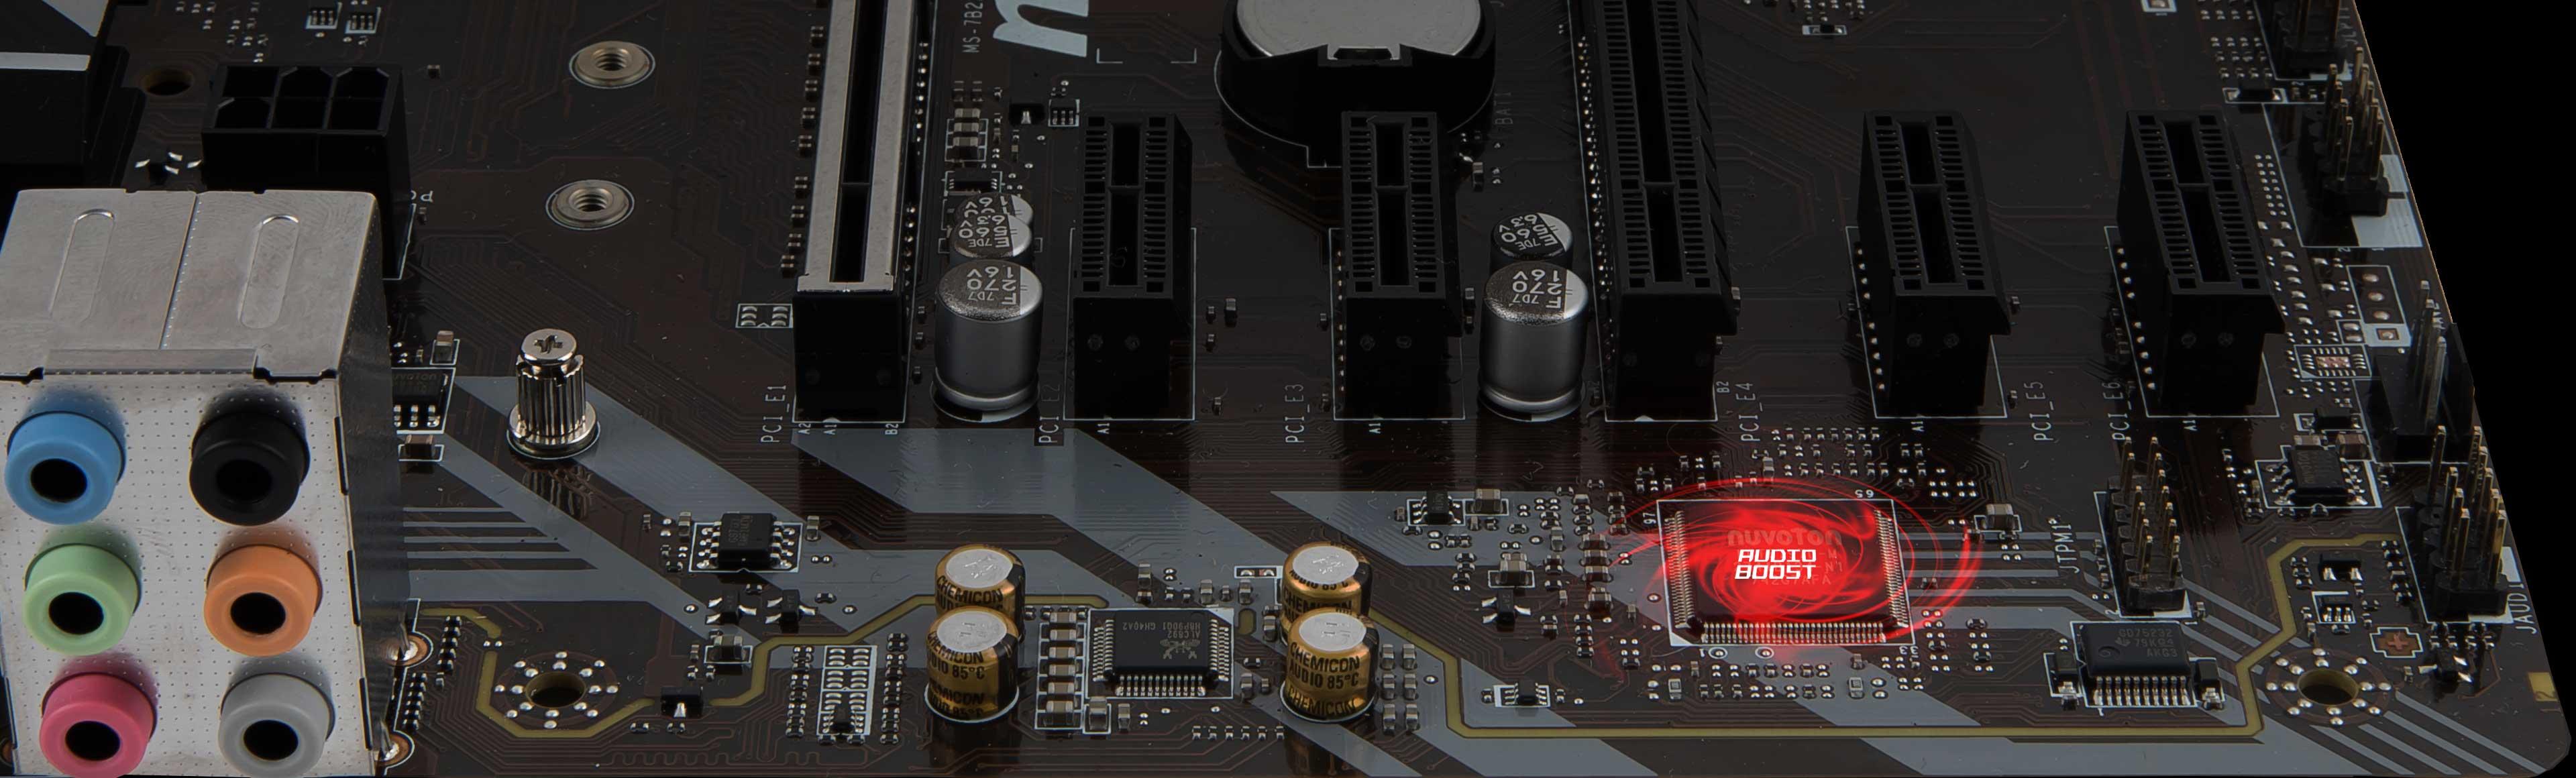 300 Series Intel B360 SATA 6Gb//s ATX Intel Motherb MSI PRO B360-A PRO LGA 1151